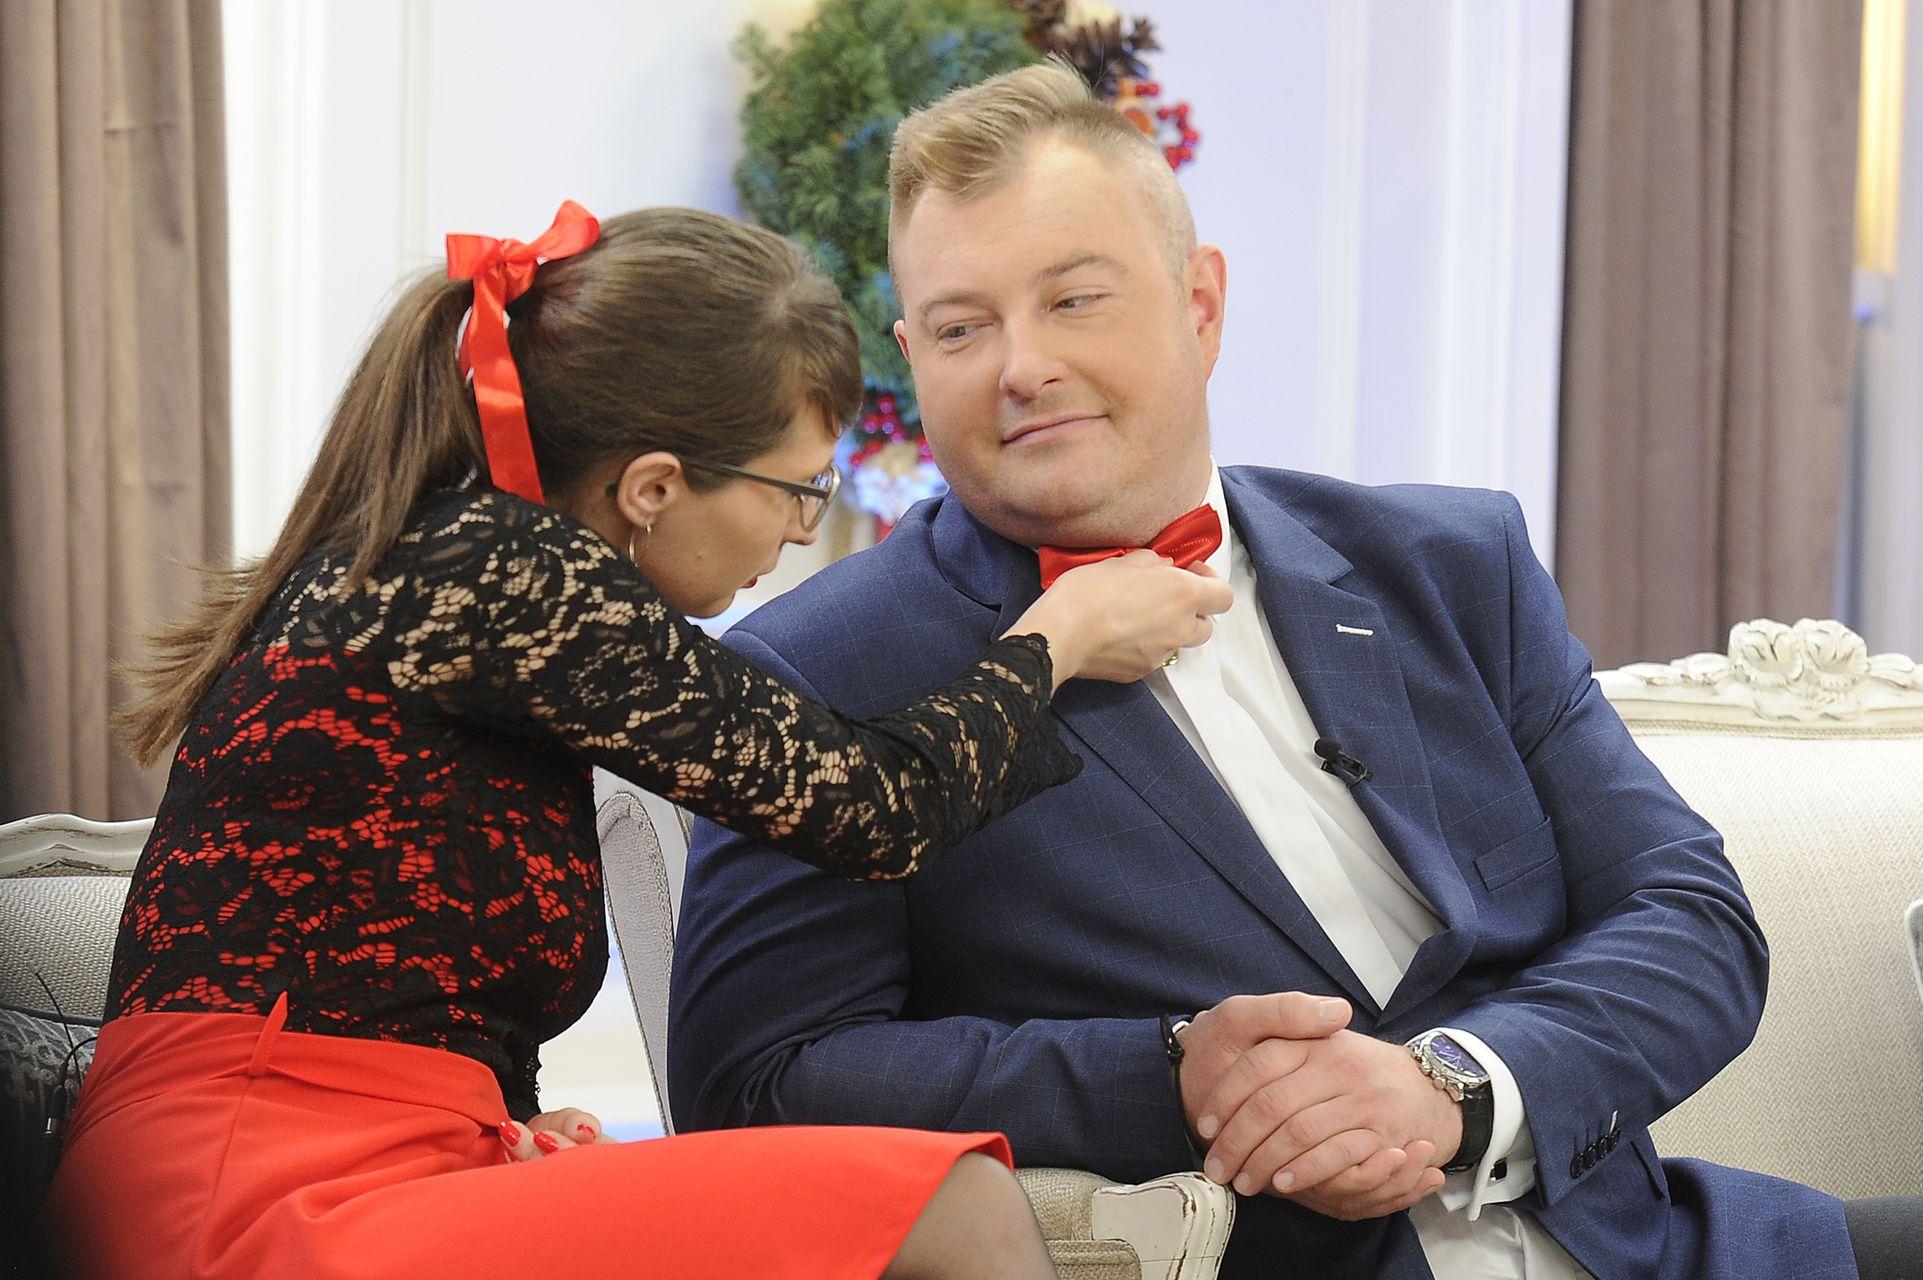 Agata Rusak Łukasz Sędrowski Rolnik szuka żony